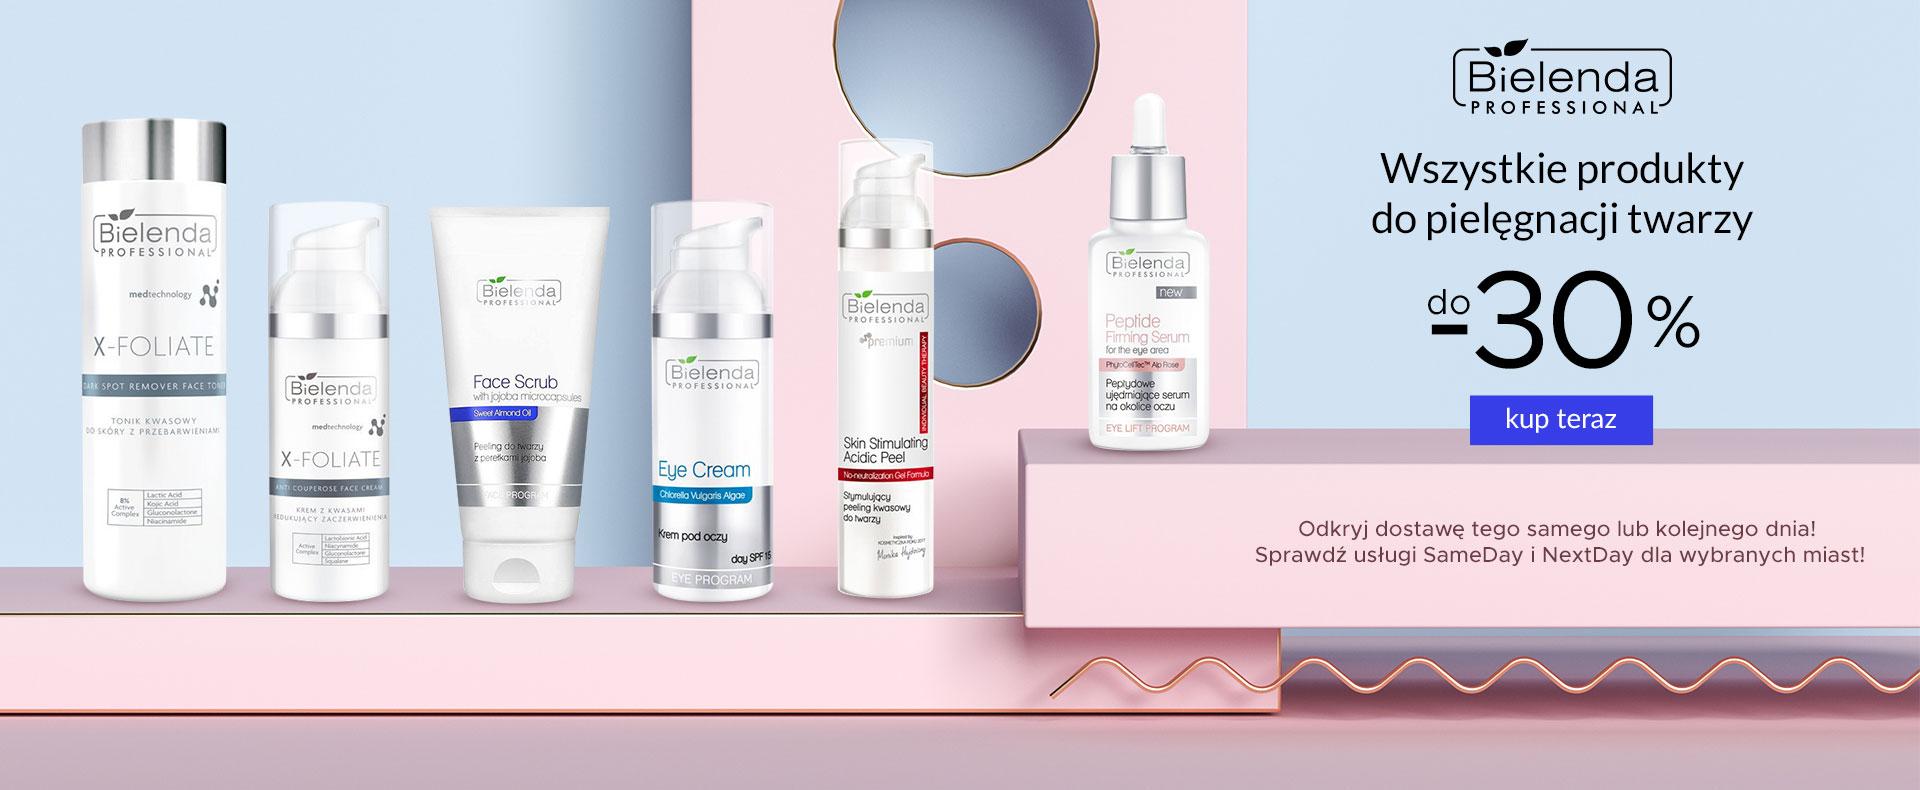 Ezebra Ezebra: do 30% rabatu na wszystkie produkty do pielęgnacji twarzy marki Bielenda